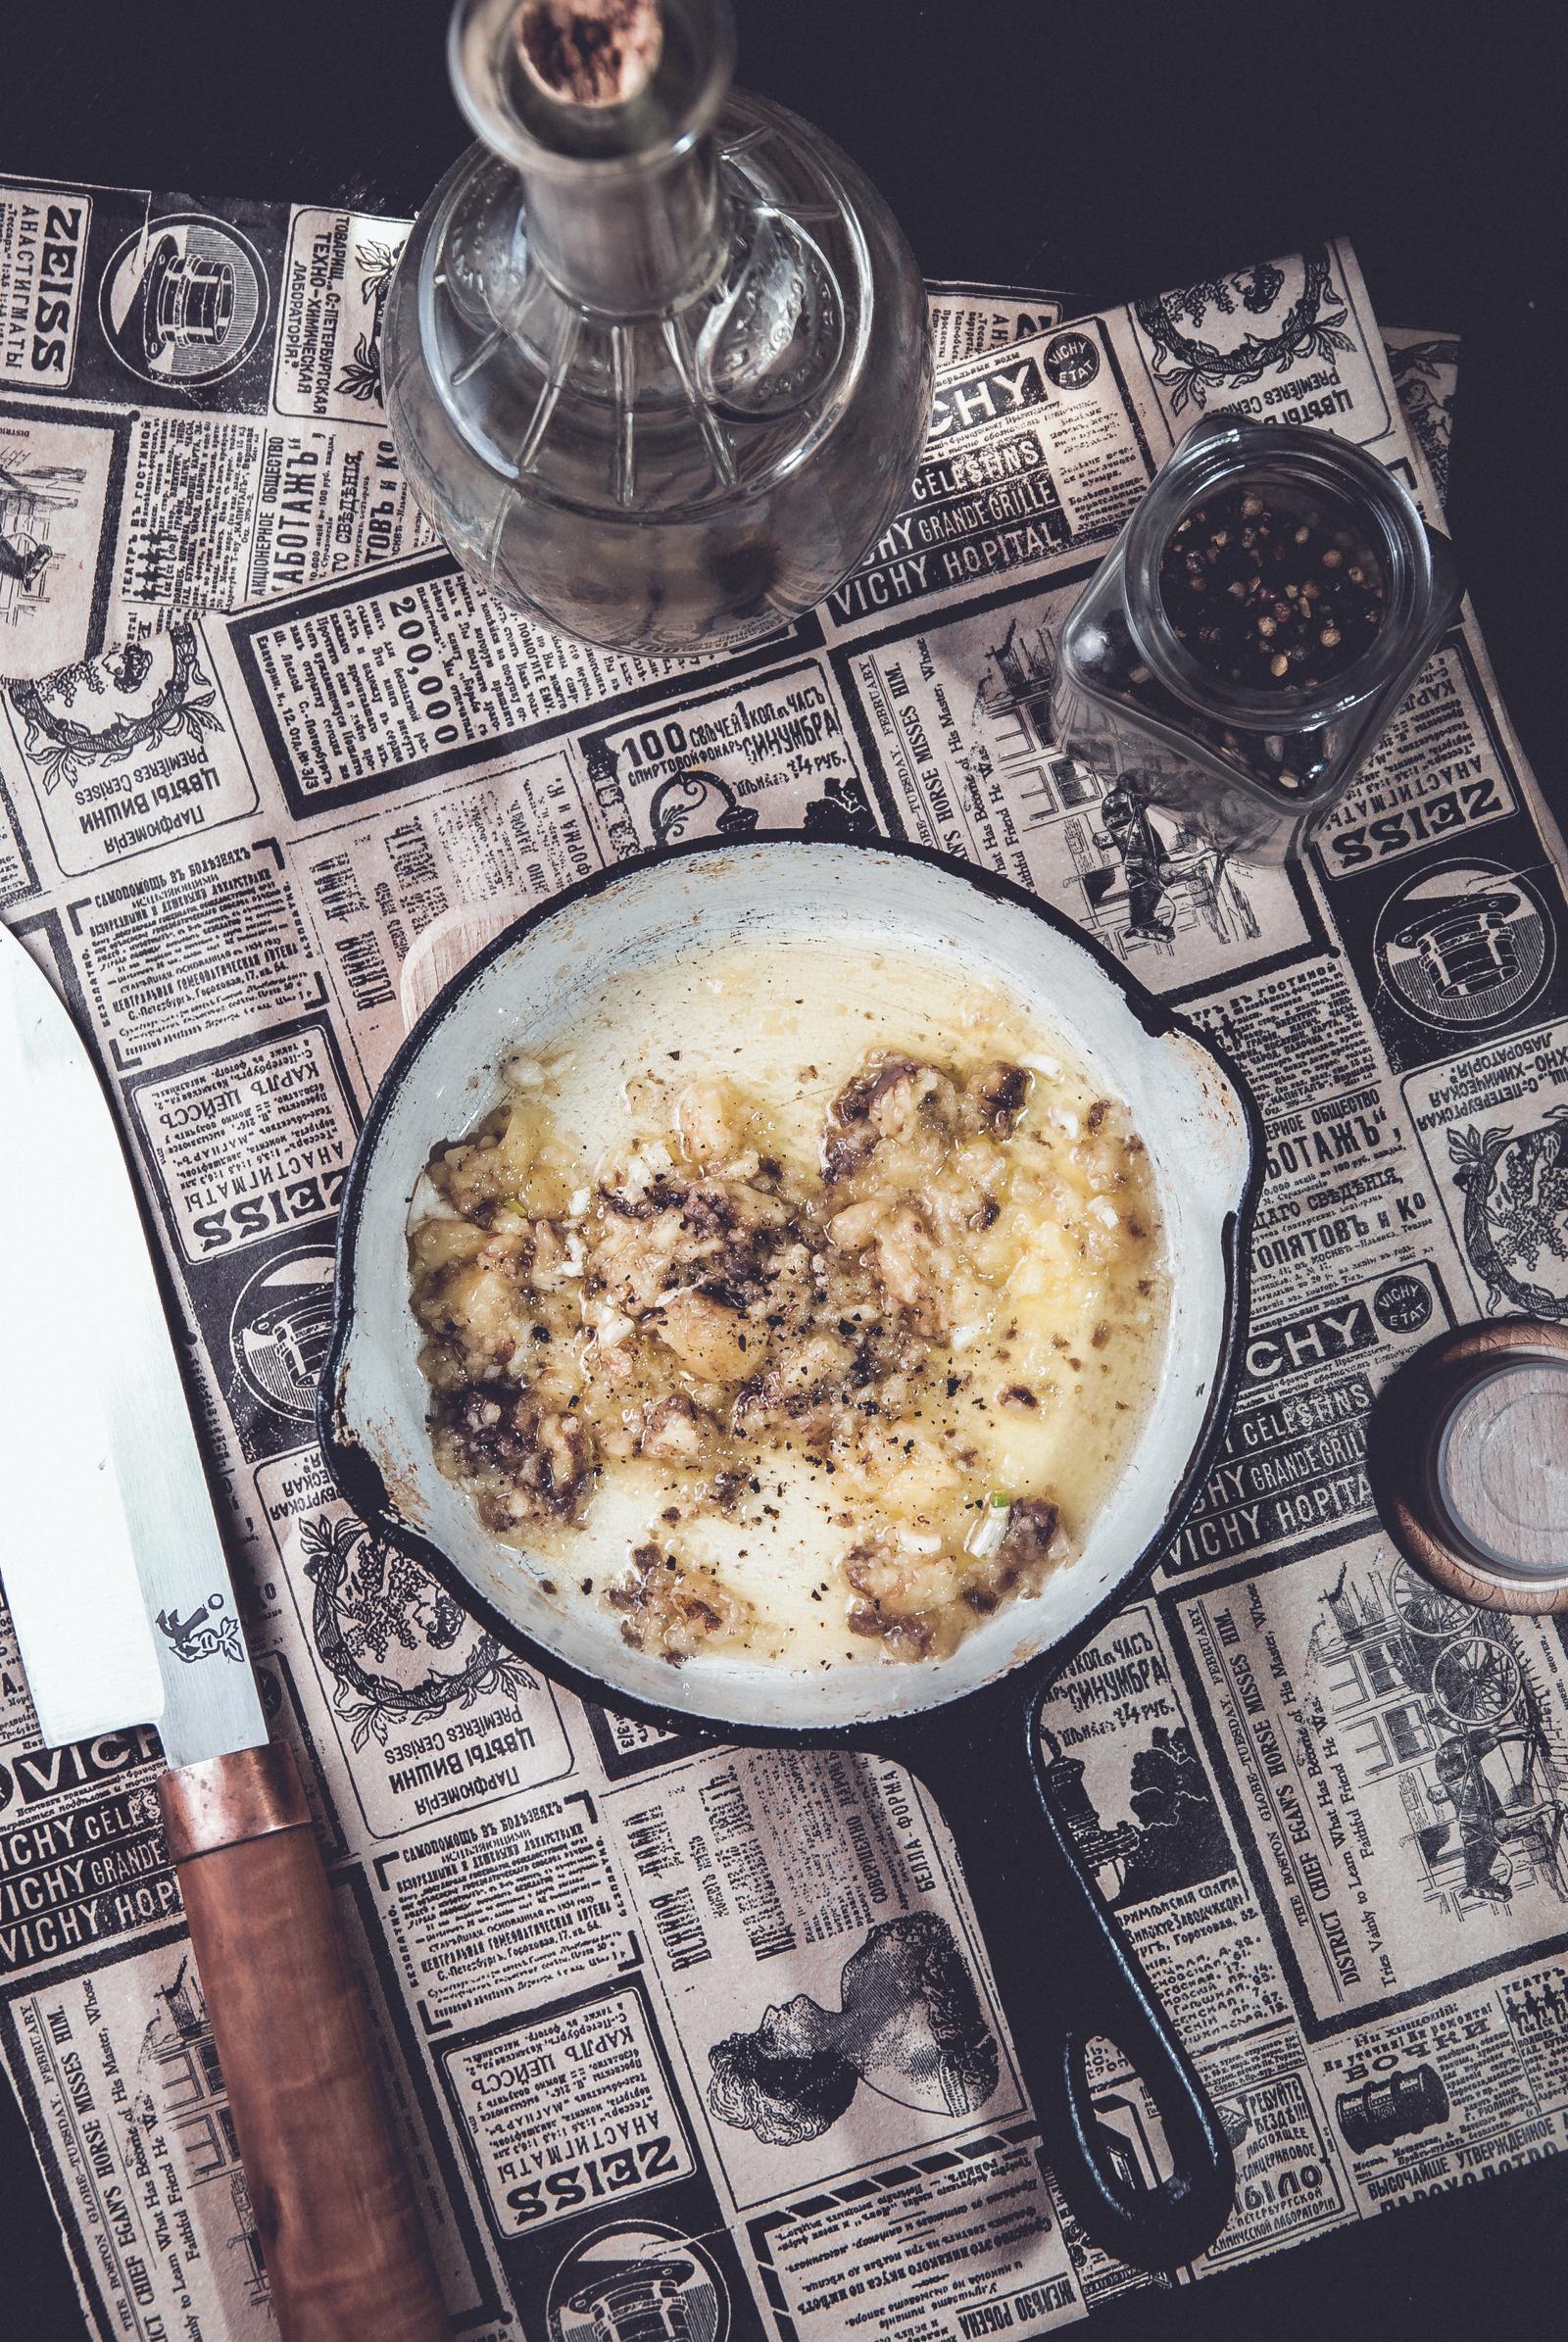 Насколько я поняла это закуска, но у меня расходится как основное блюдо Огурчики с мясом по-корейски новые фото